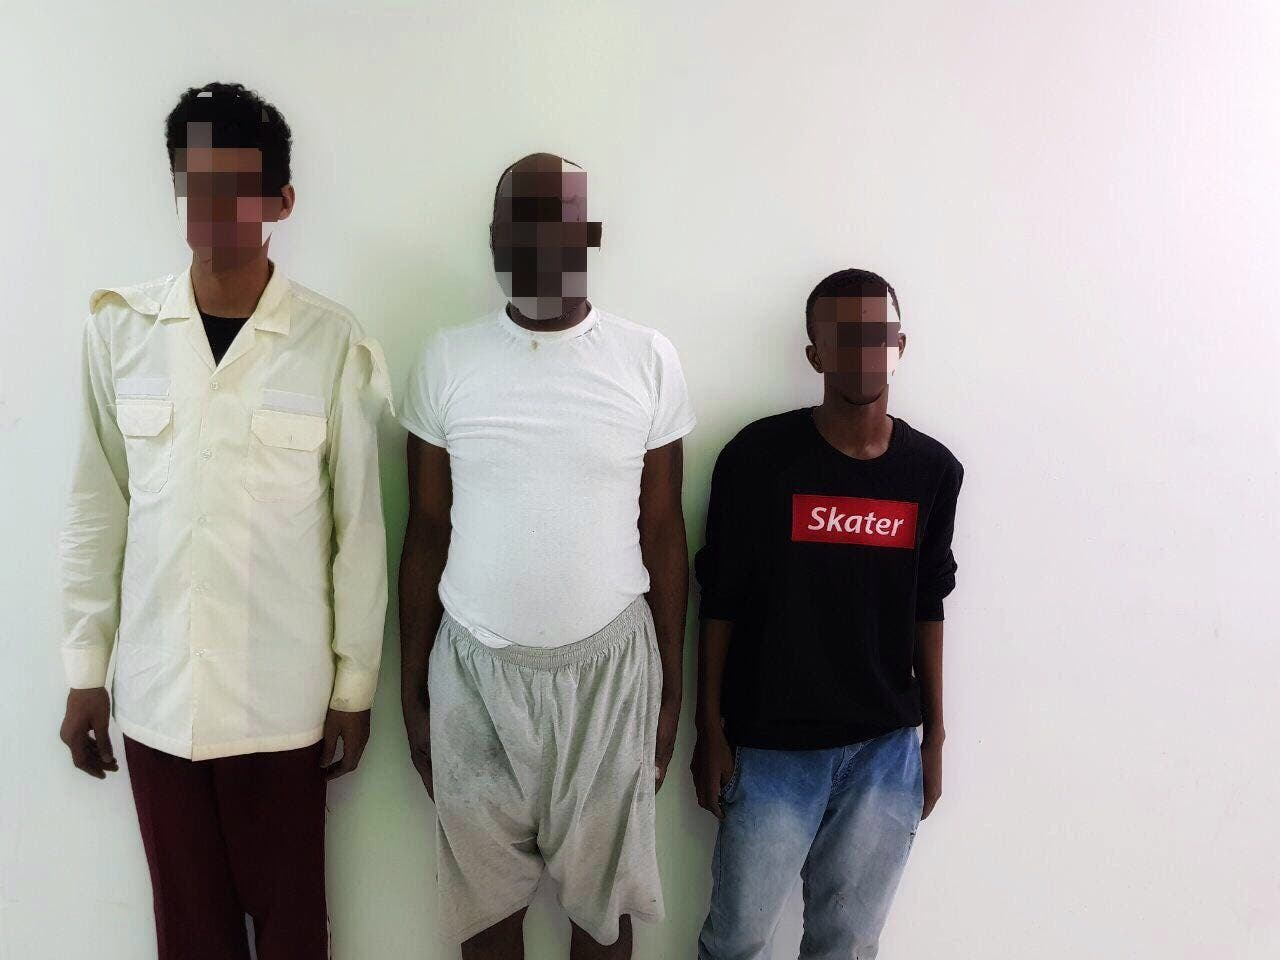 المتهمون الثلاثة بعد القبض عليهم